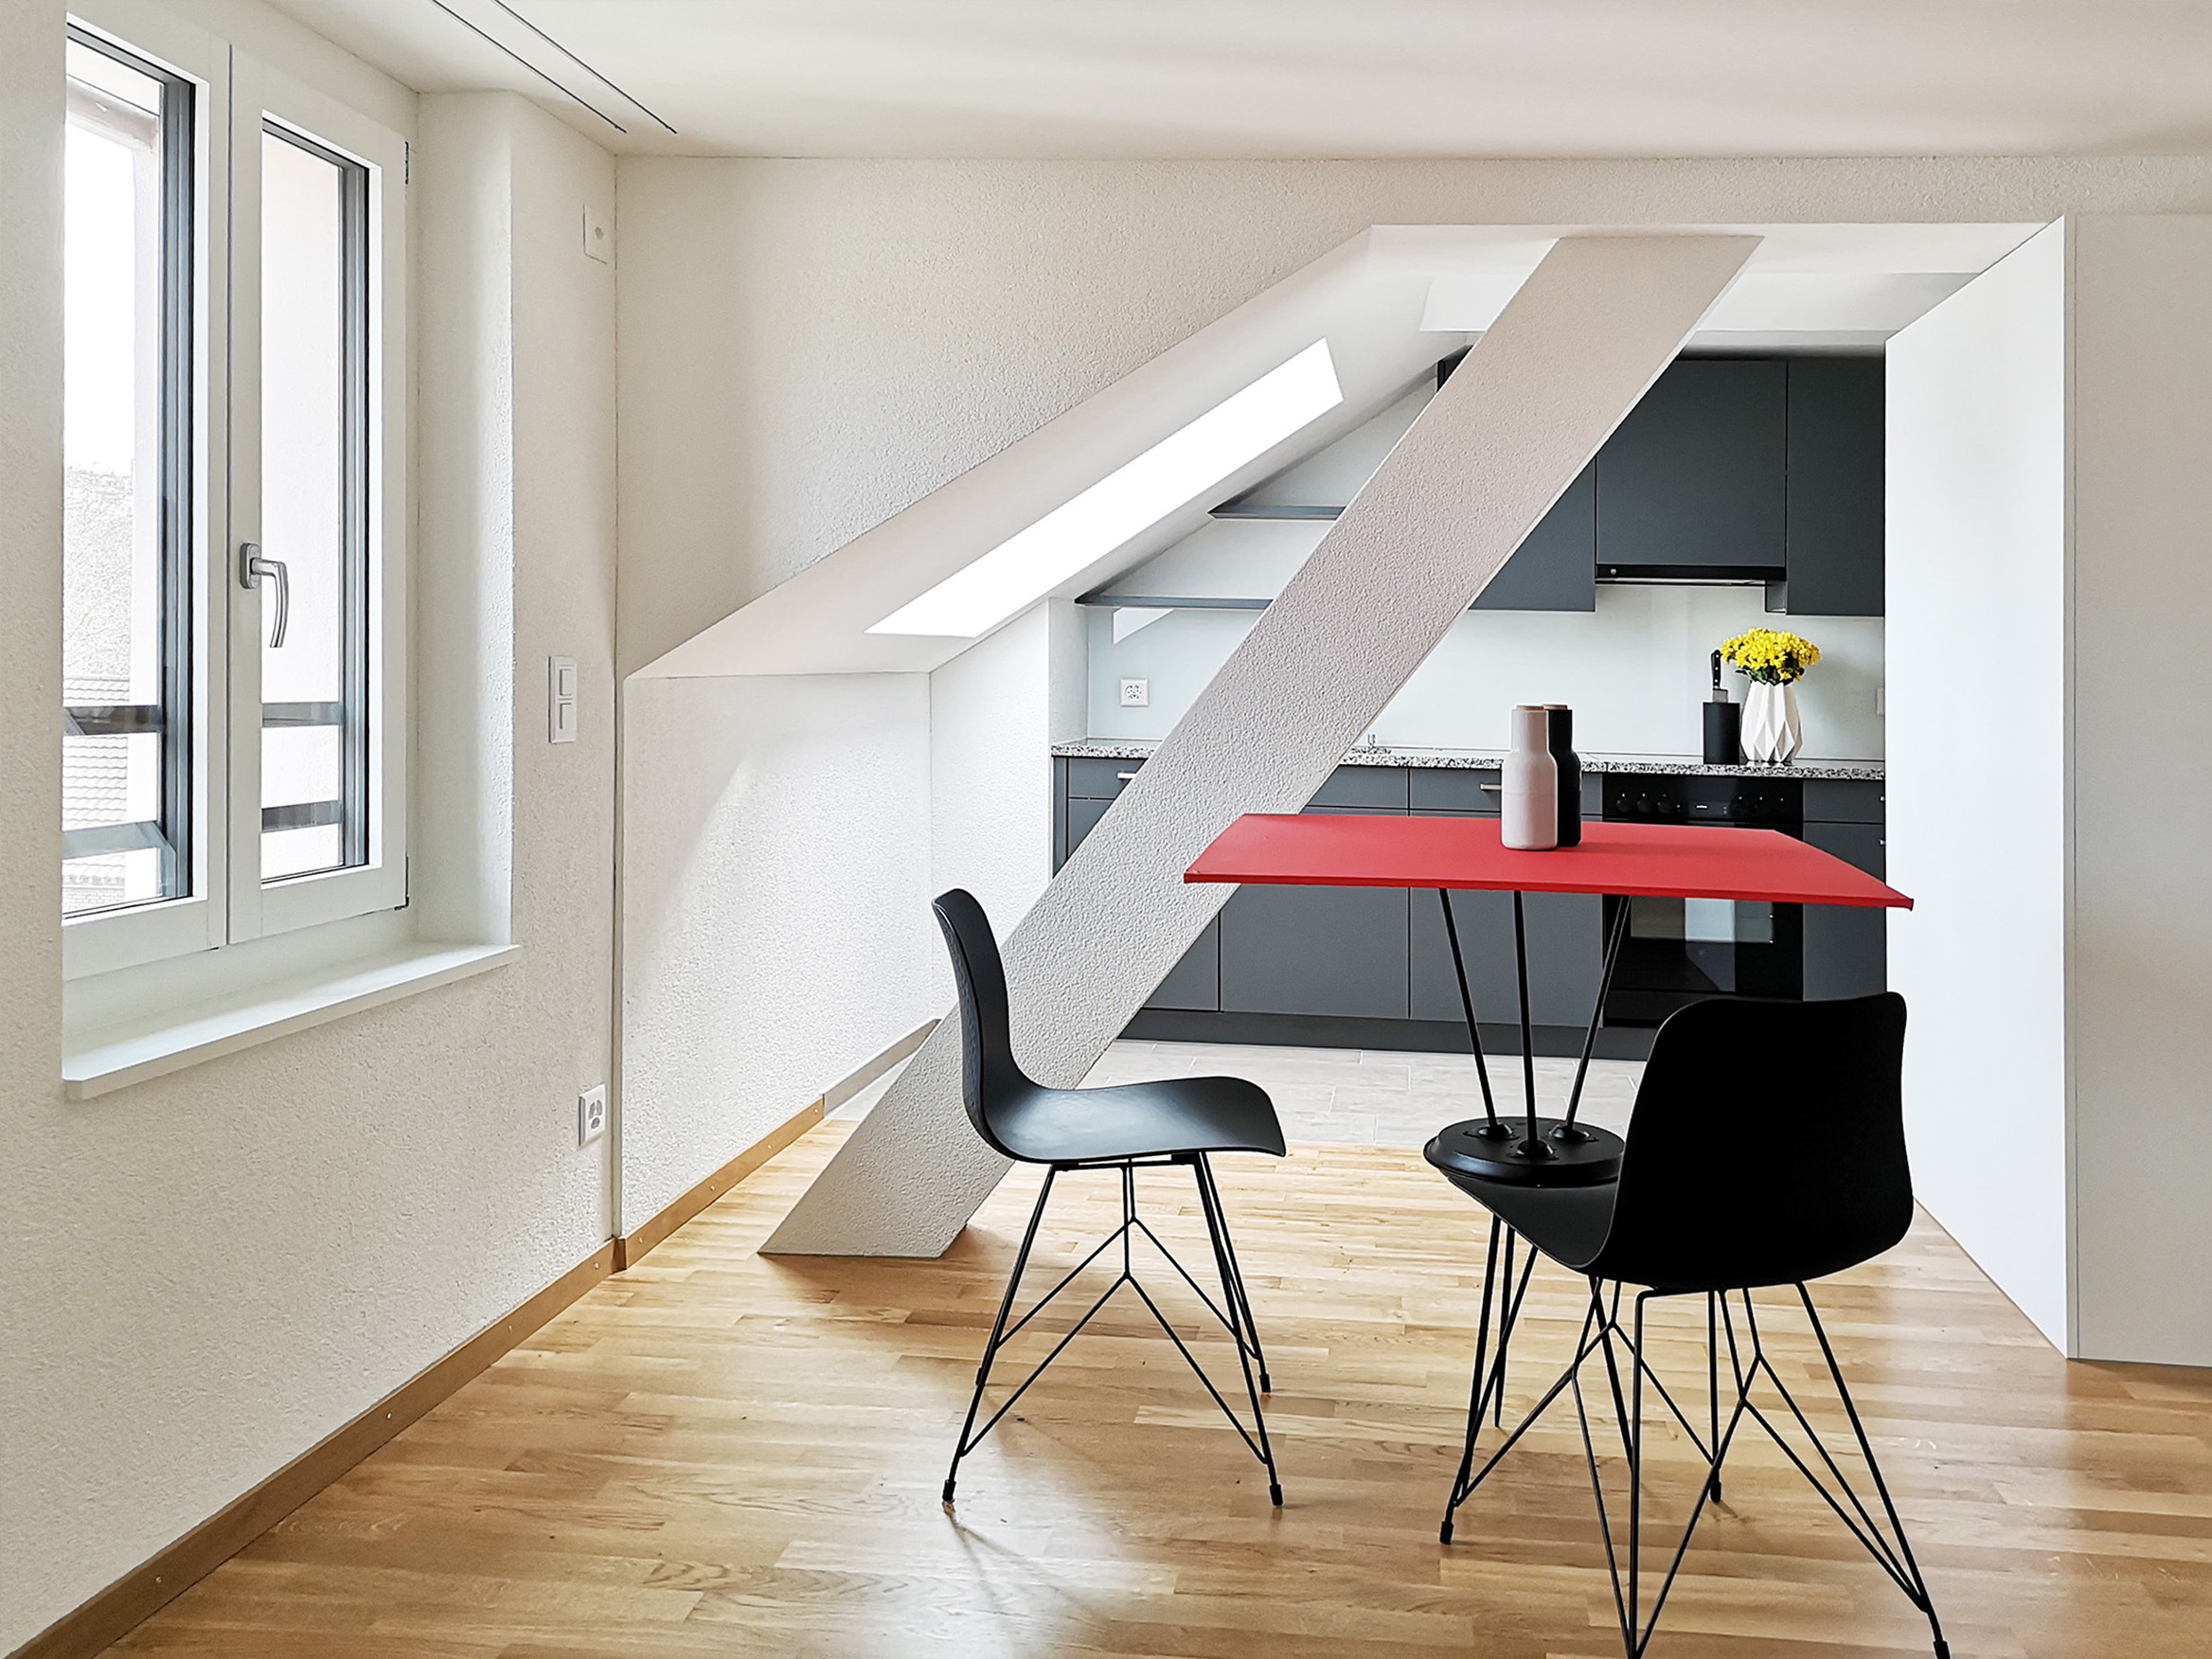 Küche/ Essen in Dachgeschosswohnung